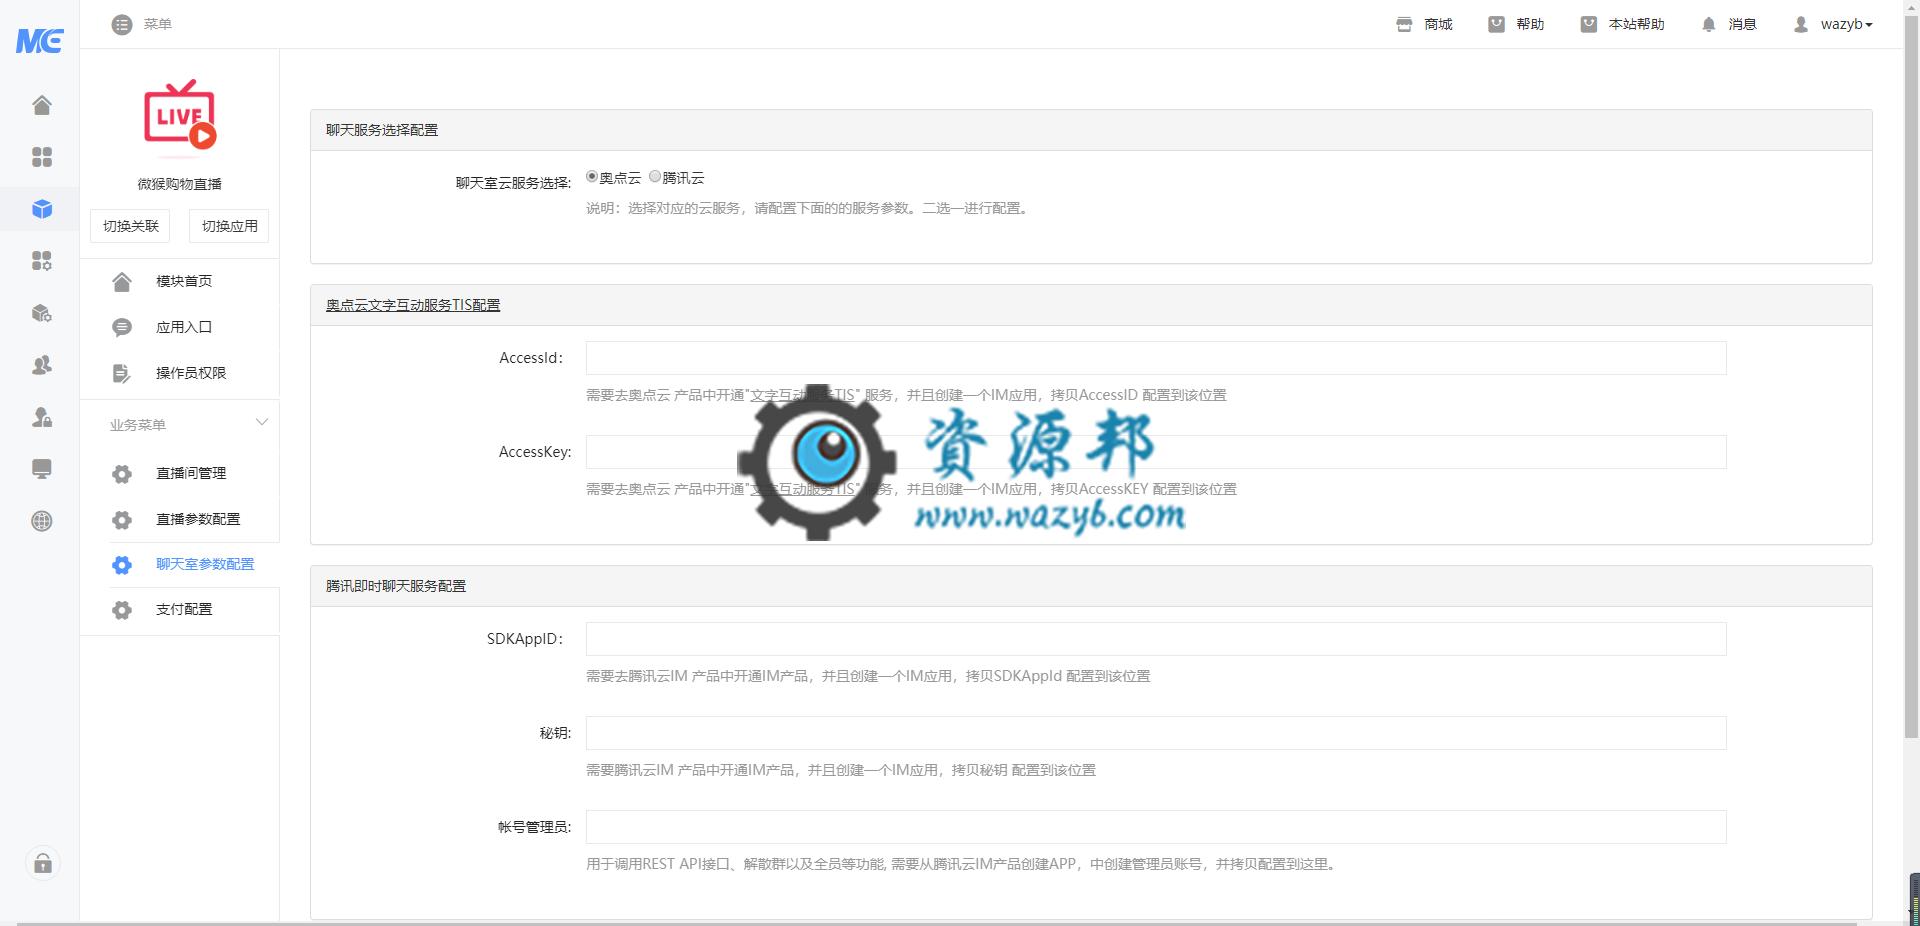 【首发限时收费】微猴购物直播源码包更新【更新至V1.0.13】 第4张